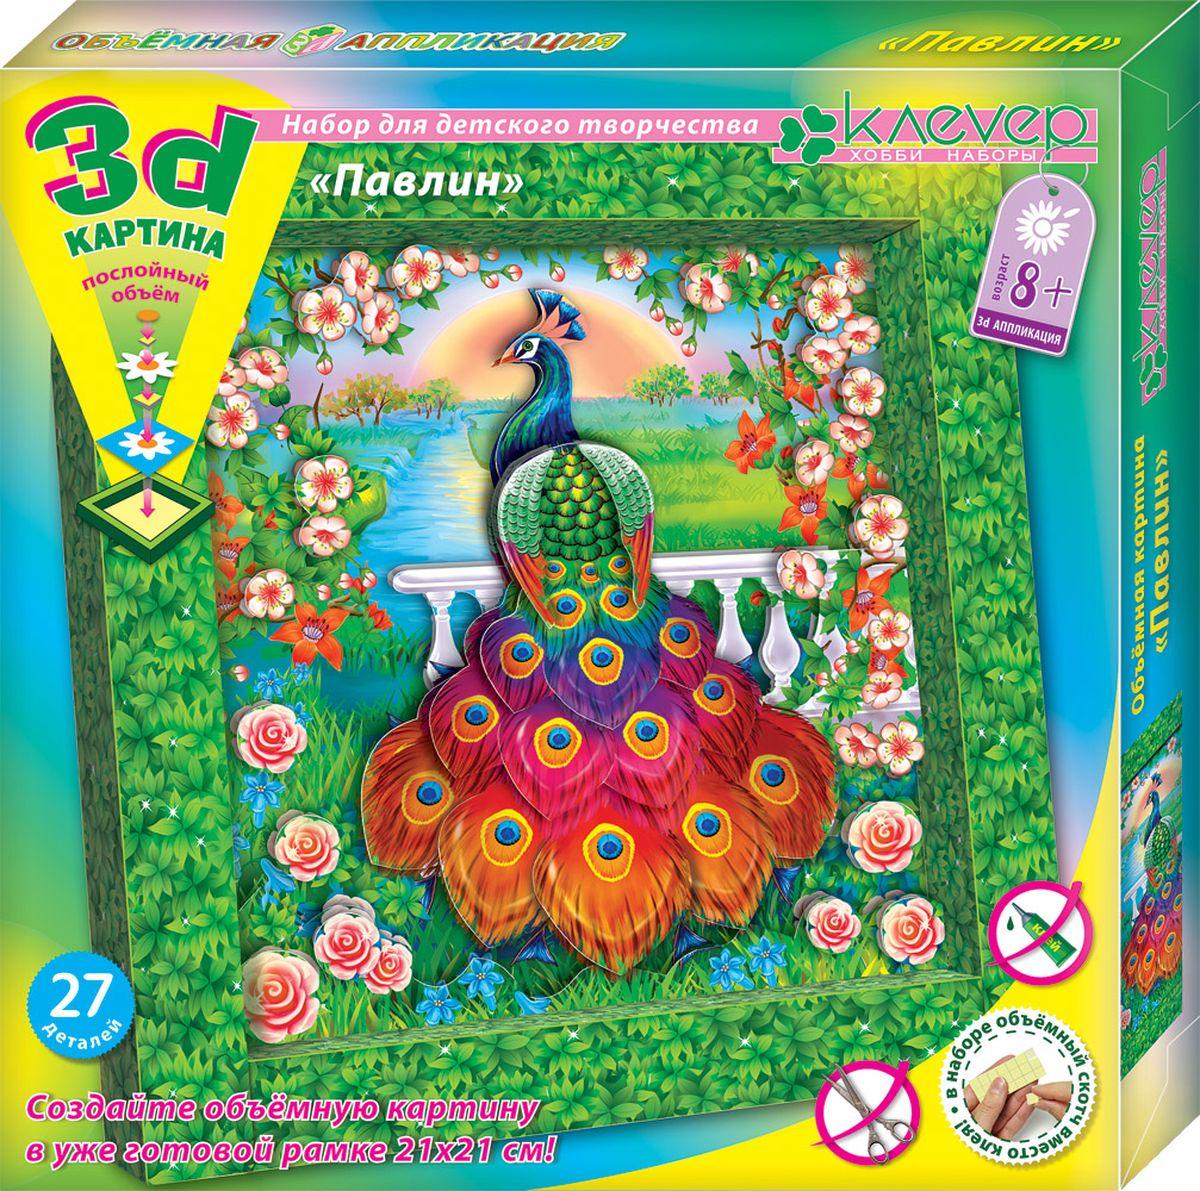 Клевер/Clever Набор для изготовления картины ПавлинАБ 41-075Великолепный павлин в цветущем саду: объёмная картинка из плоских деталей достигается благодаря эффекту, напоминающему слоёный торт: детали наклеиваются друг на друга и на фон в готовой глубокой рамке с помощью двустороннего клейкого материала на вспененной основе (скотча). Таким образом детали приближаются к зрителю, создается почти диорама. Дети от 8 лет могут сделать картины самостоятельно и при этом очень аккуратно: клей не нужен и рабочее место и ручки остаются чистыми! Желаем приятного досуга и радости творчества!